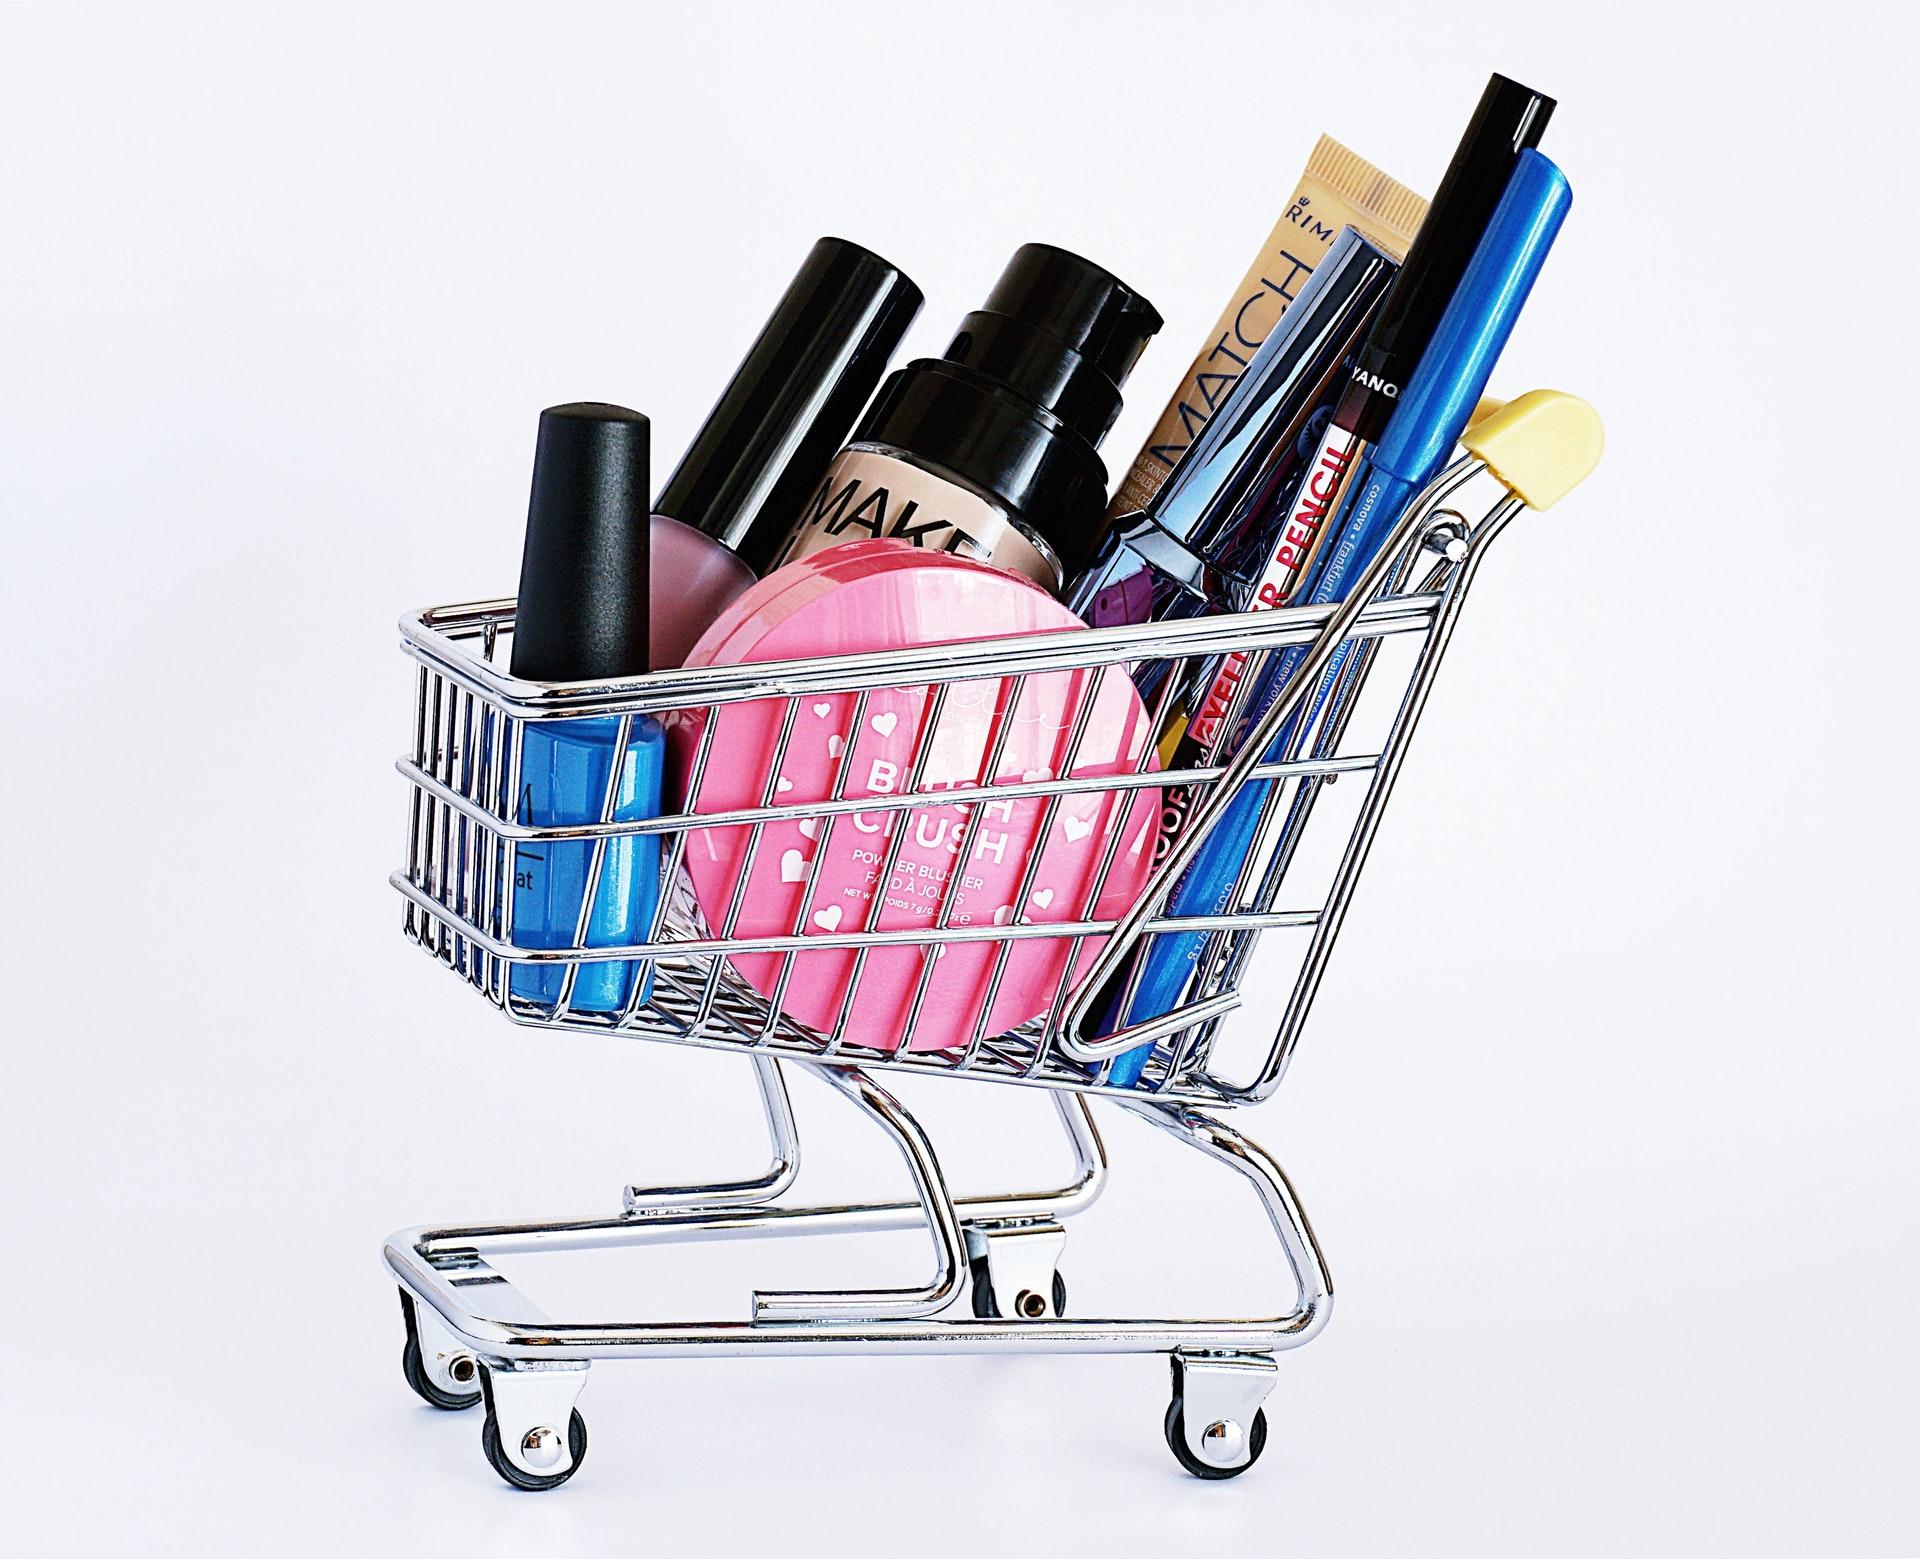 Vemos diversos produtos de maquiagem em uma miniatura de carrinho de compras (imagem ilustrativa). Texto: franquias baratas e lucrativas.